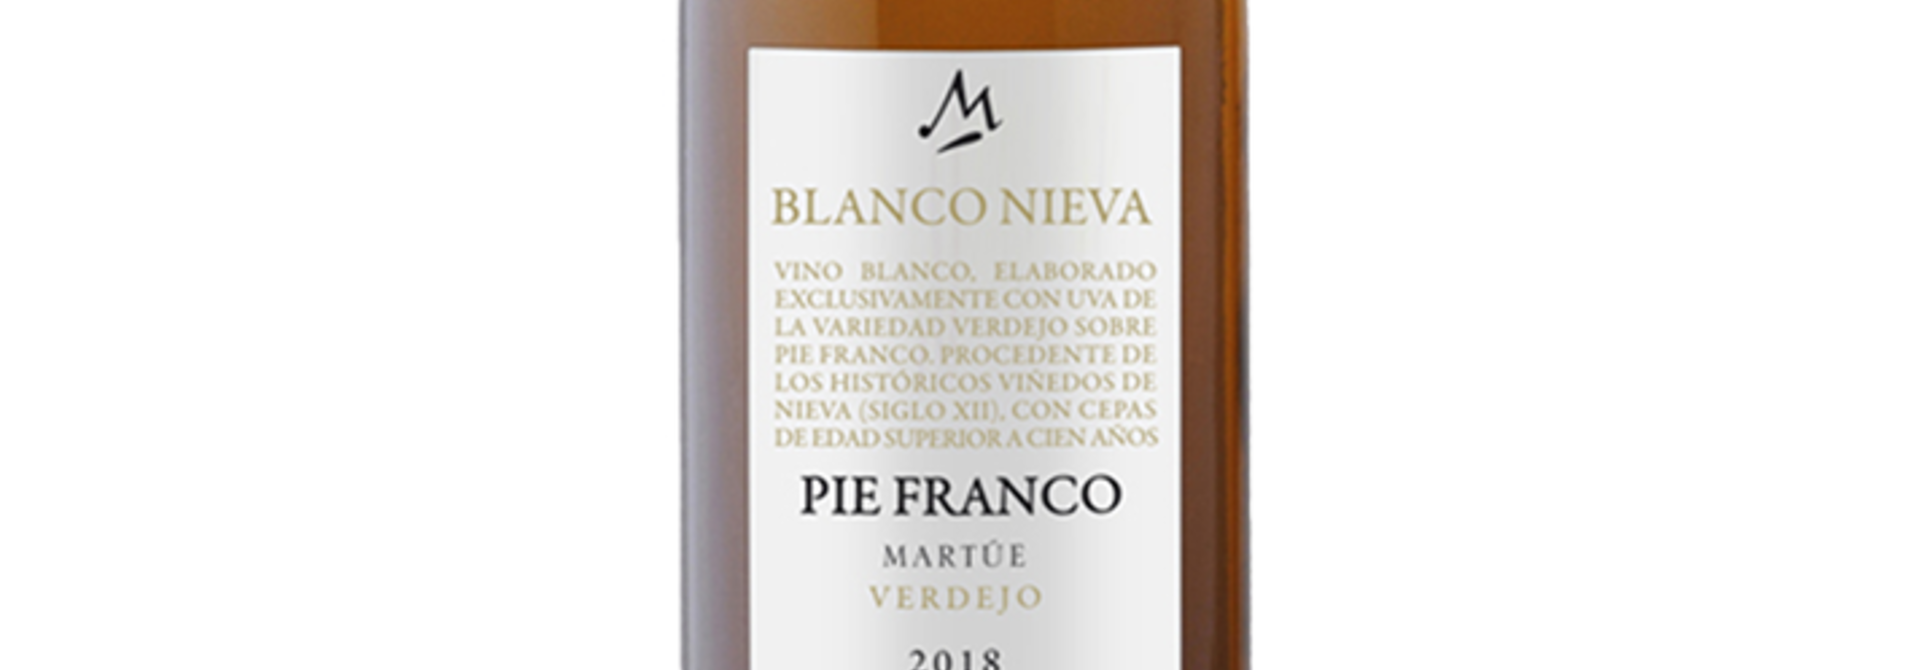 Blanco Nieva Pie Franco Verdejo